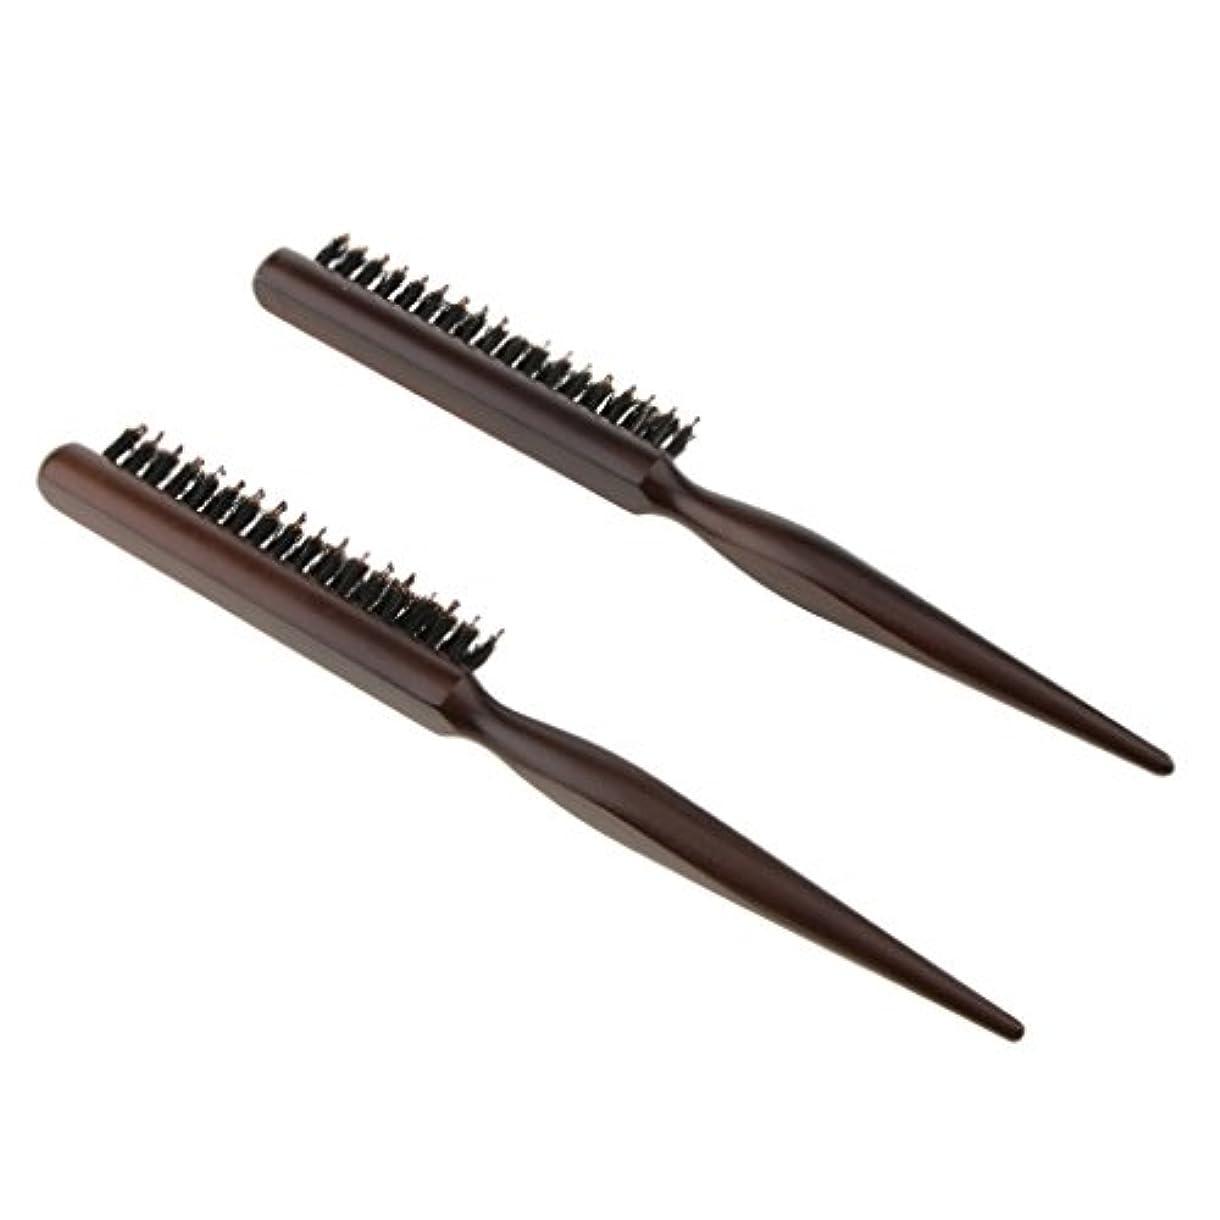 生息地トラブルキリンFenteer 2本 木製櫛 ヘアコーム ヘアブラシ ナイロン毛+木製ハンドル